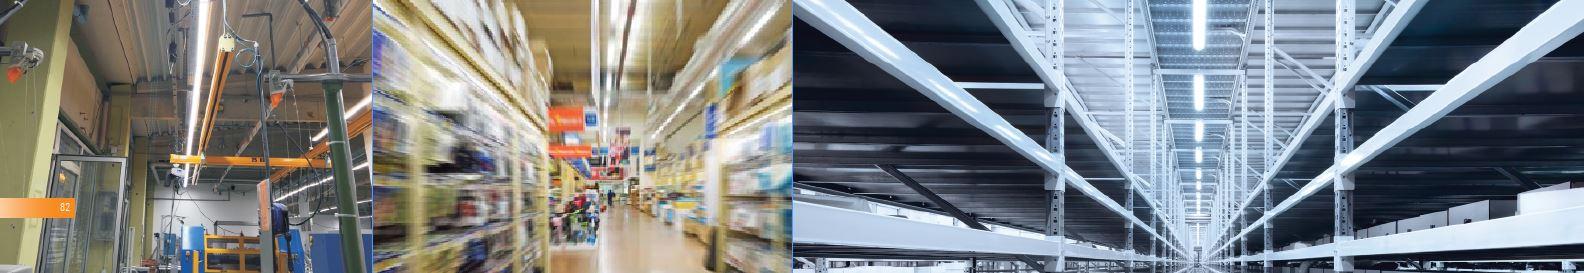 LED Leuchtenmodul Unifit für LED Lichtbandsysteme